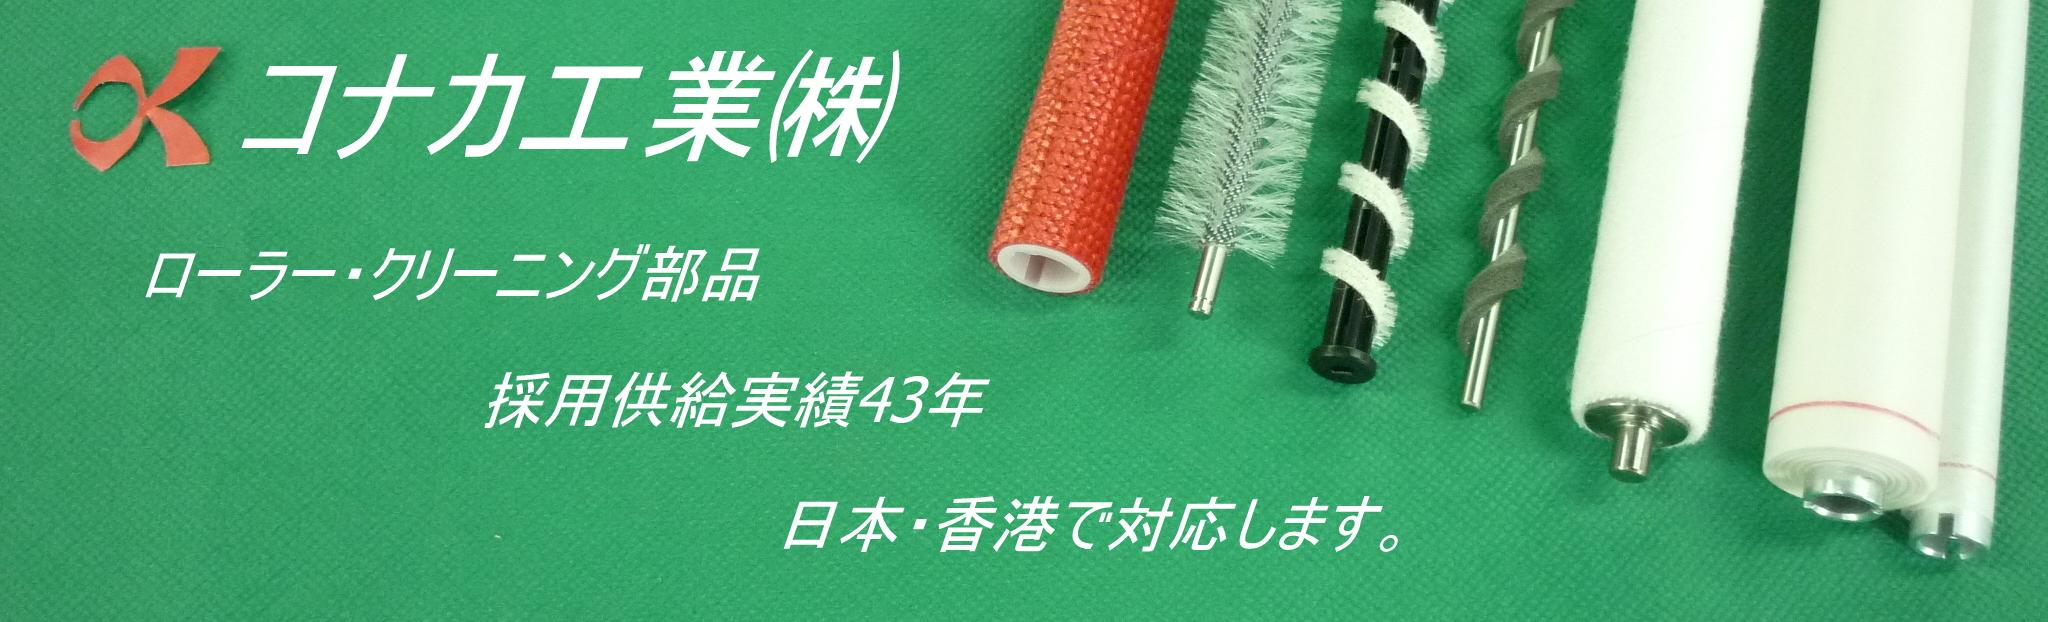 OA機器 クリーニング部品 製造/組立  コナカ工業 大阪/香港